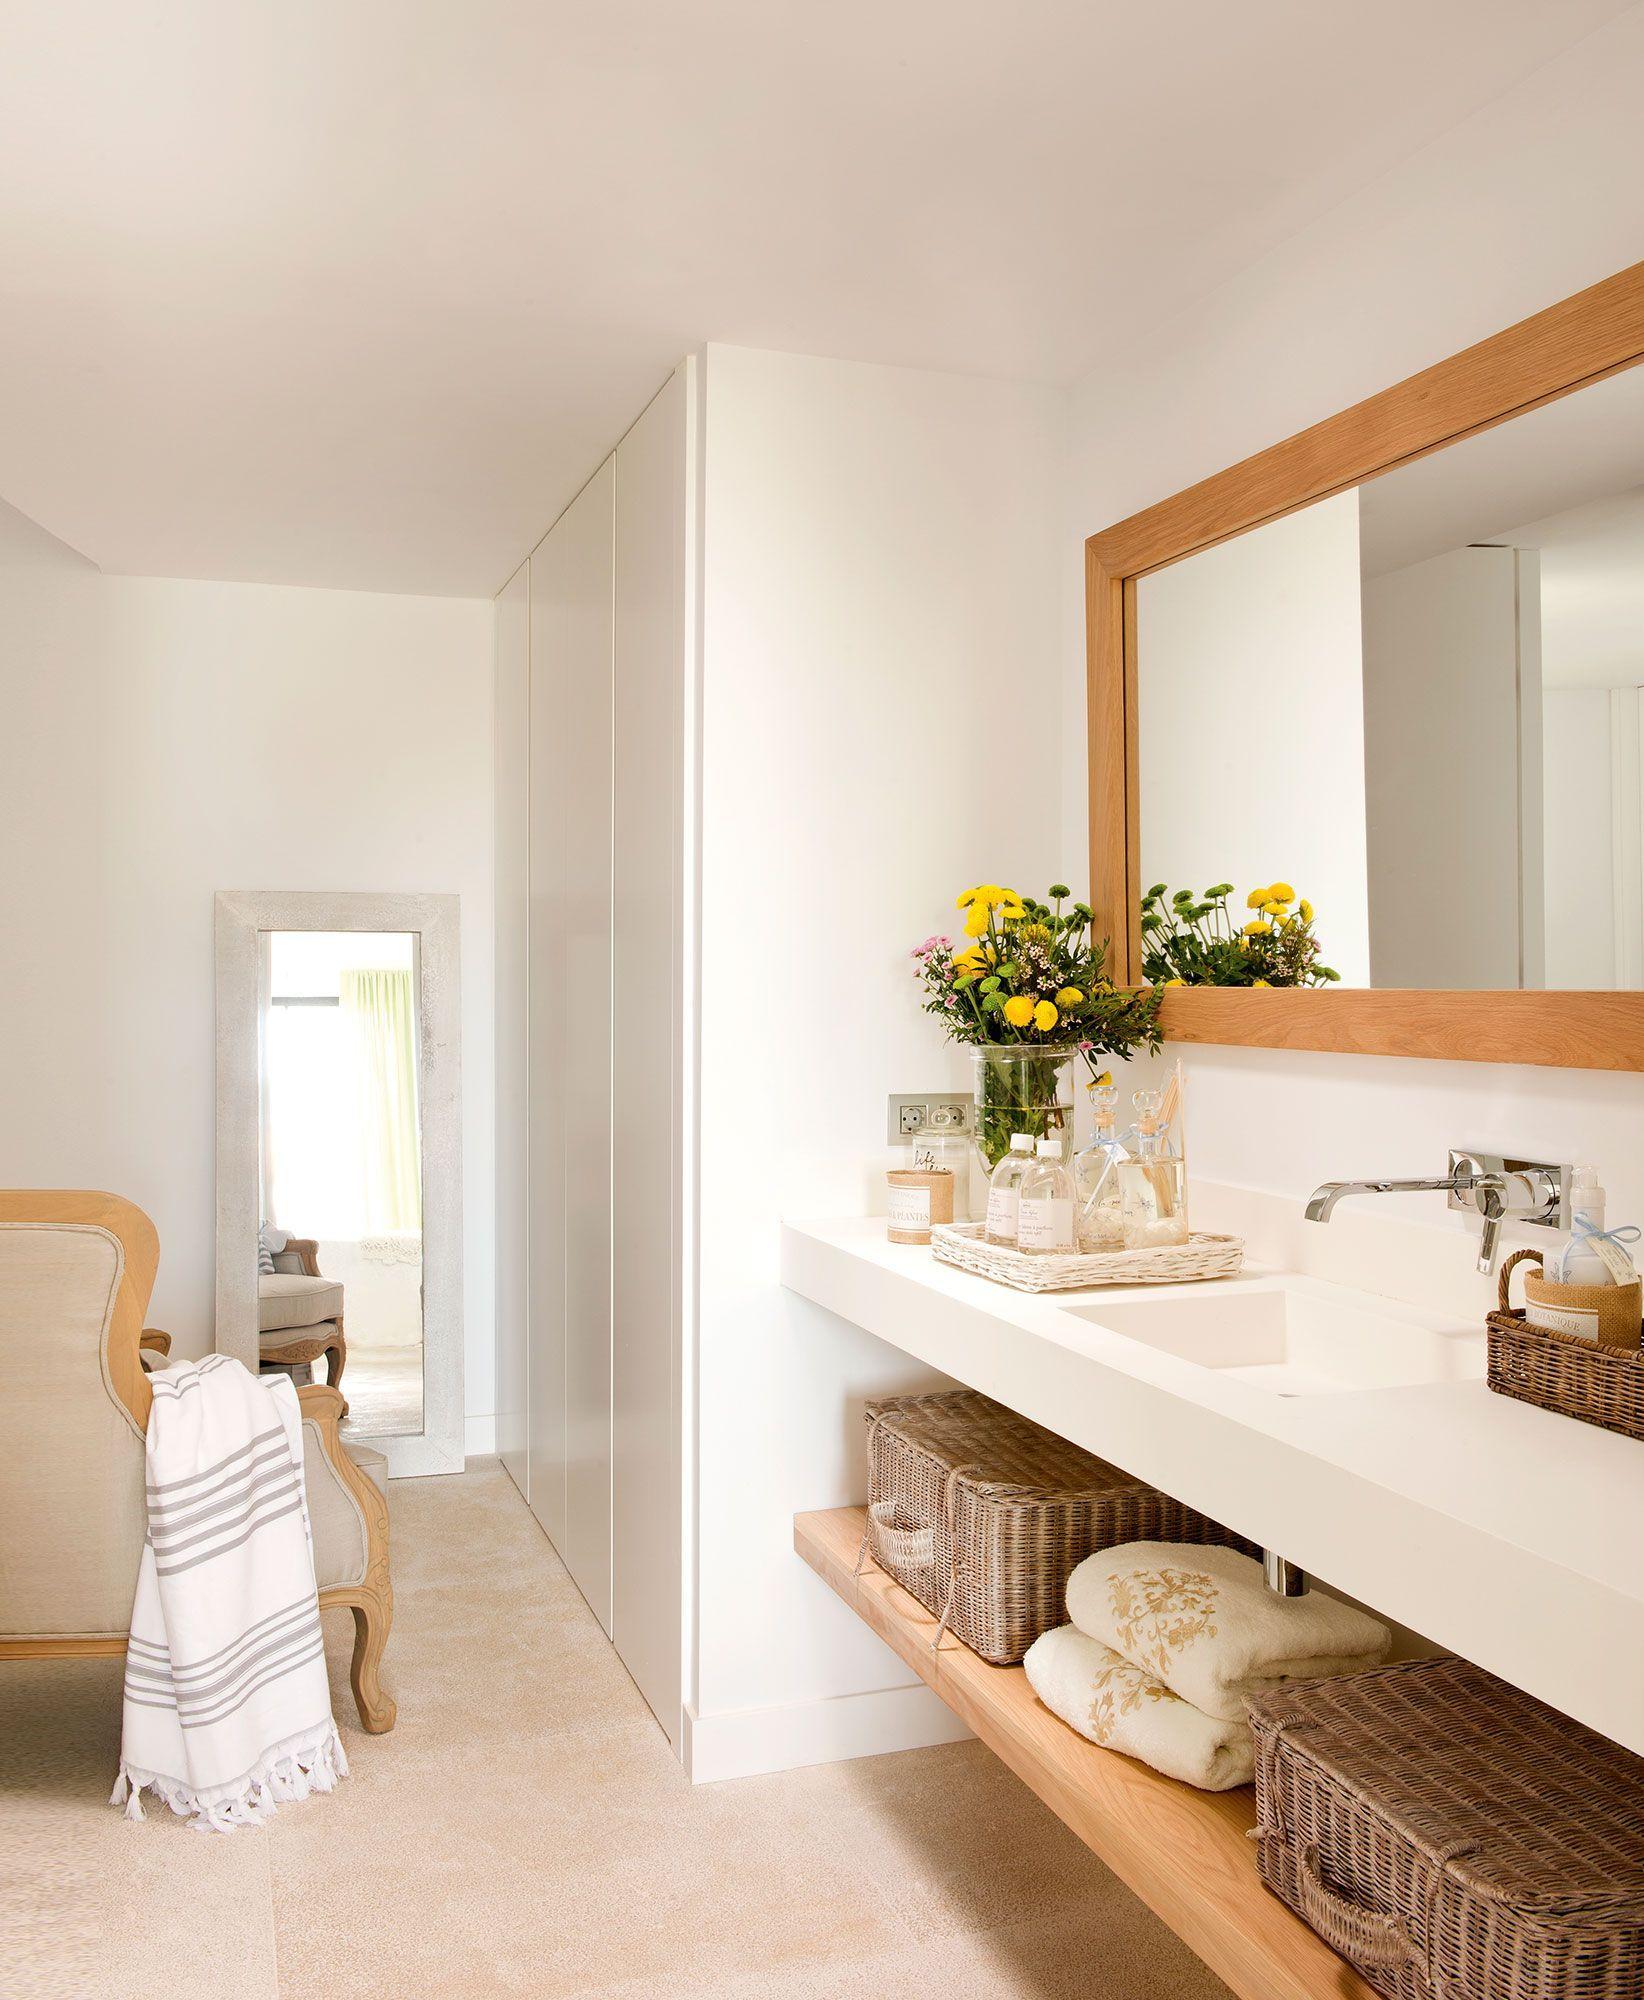 ¡Parece mucho más grande! | Decoracion de baños modernos ...